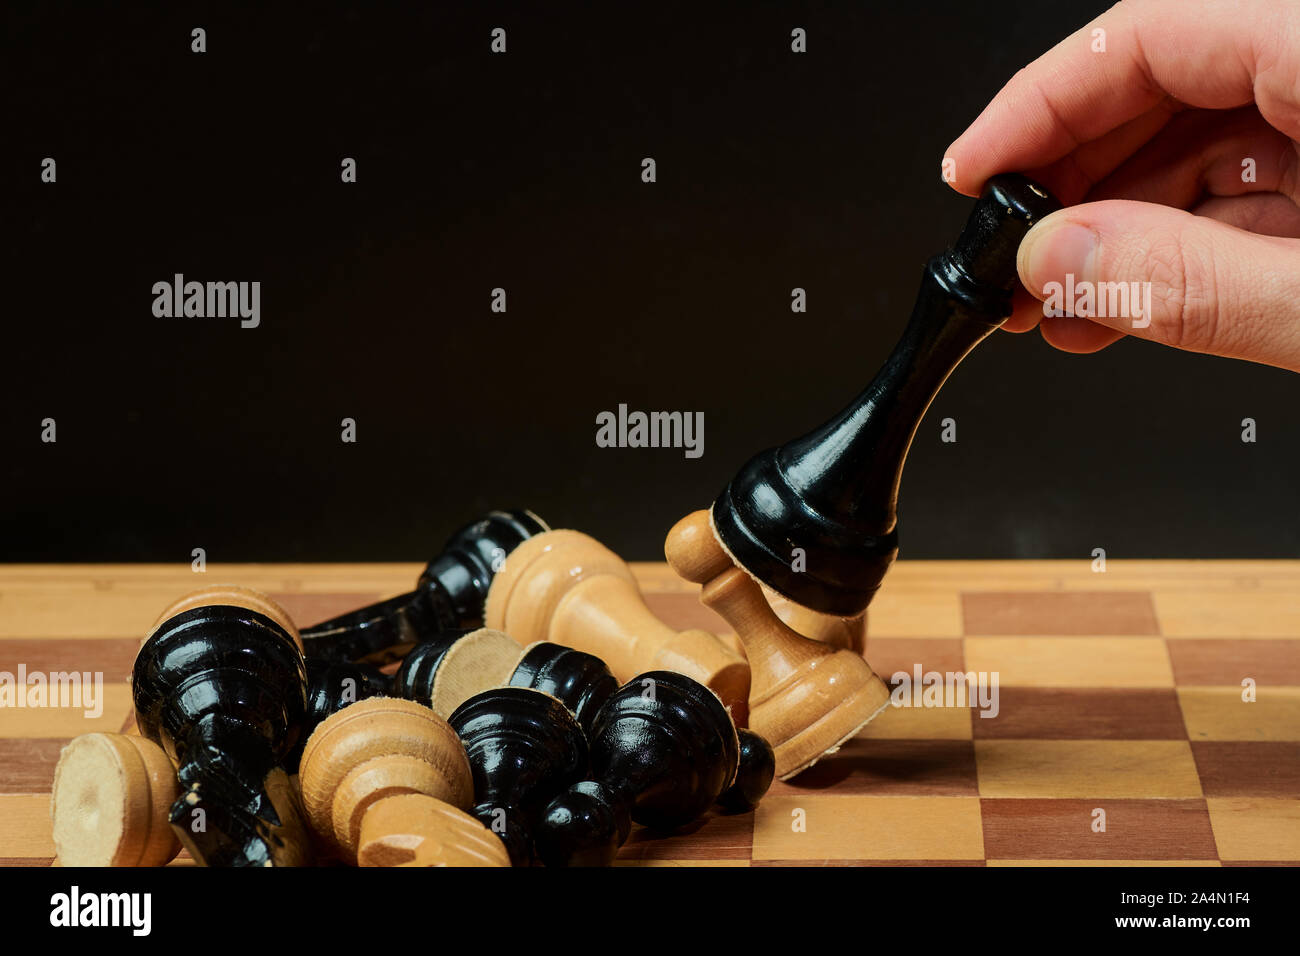 Main de l'homme d'affaires déménagement chess figure dans le succès de la concurrence jouer. stratégie, management ou concept de leadership Banque D'Images